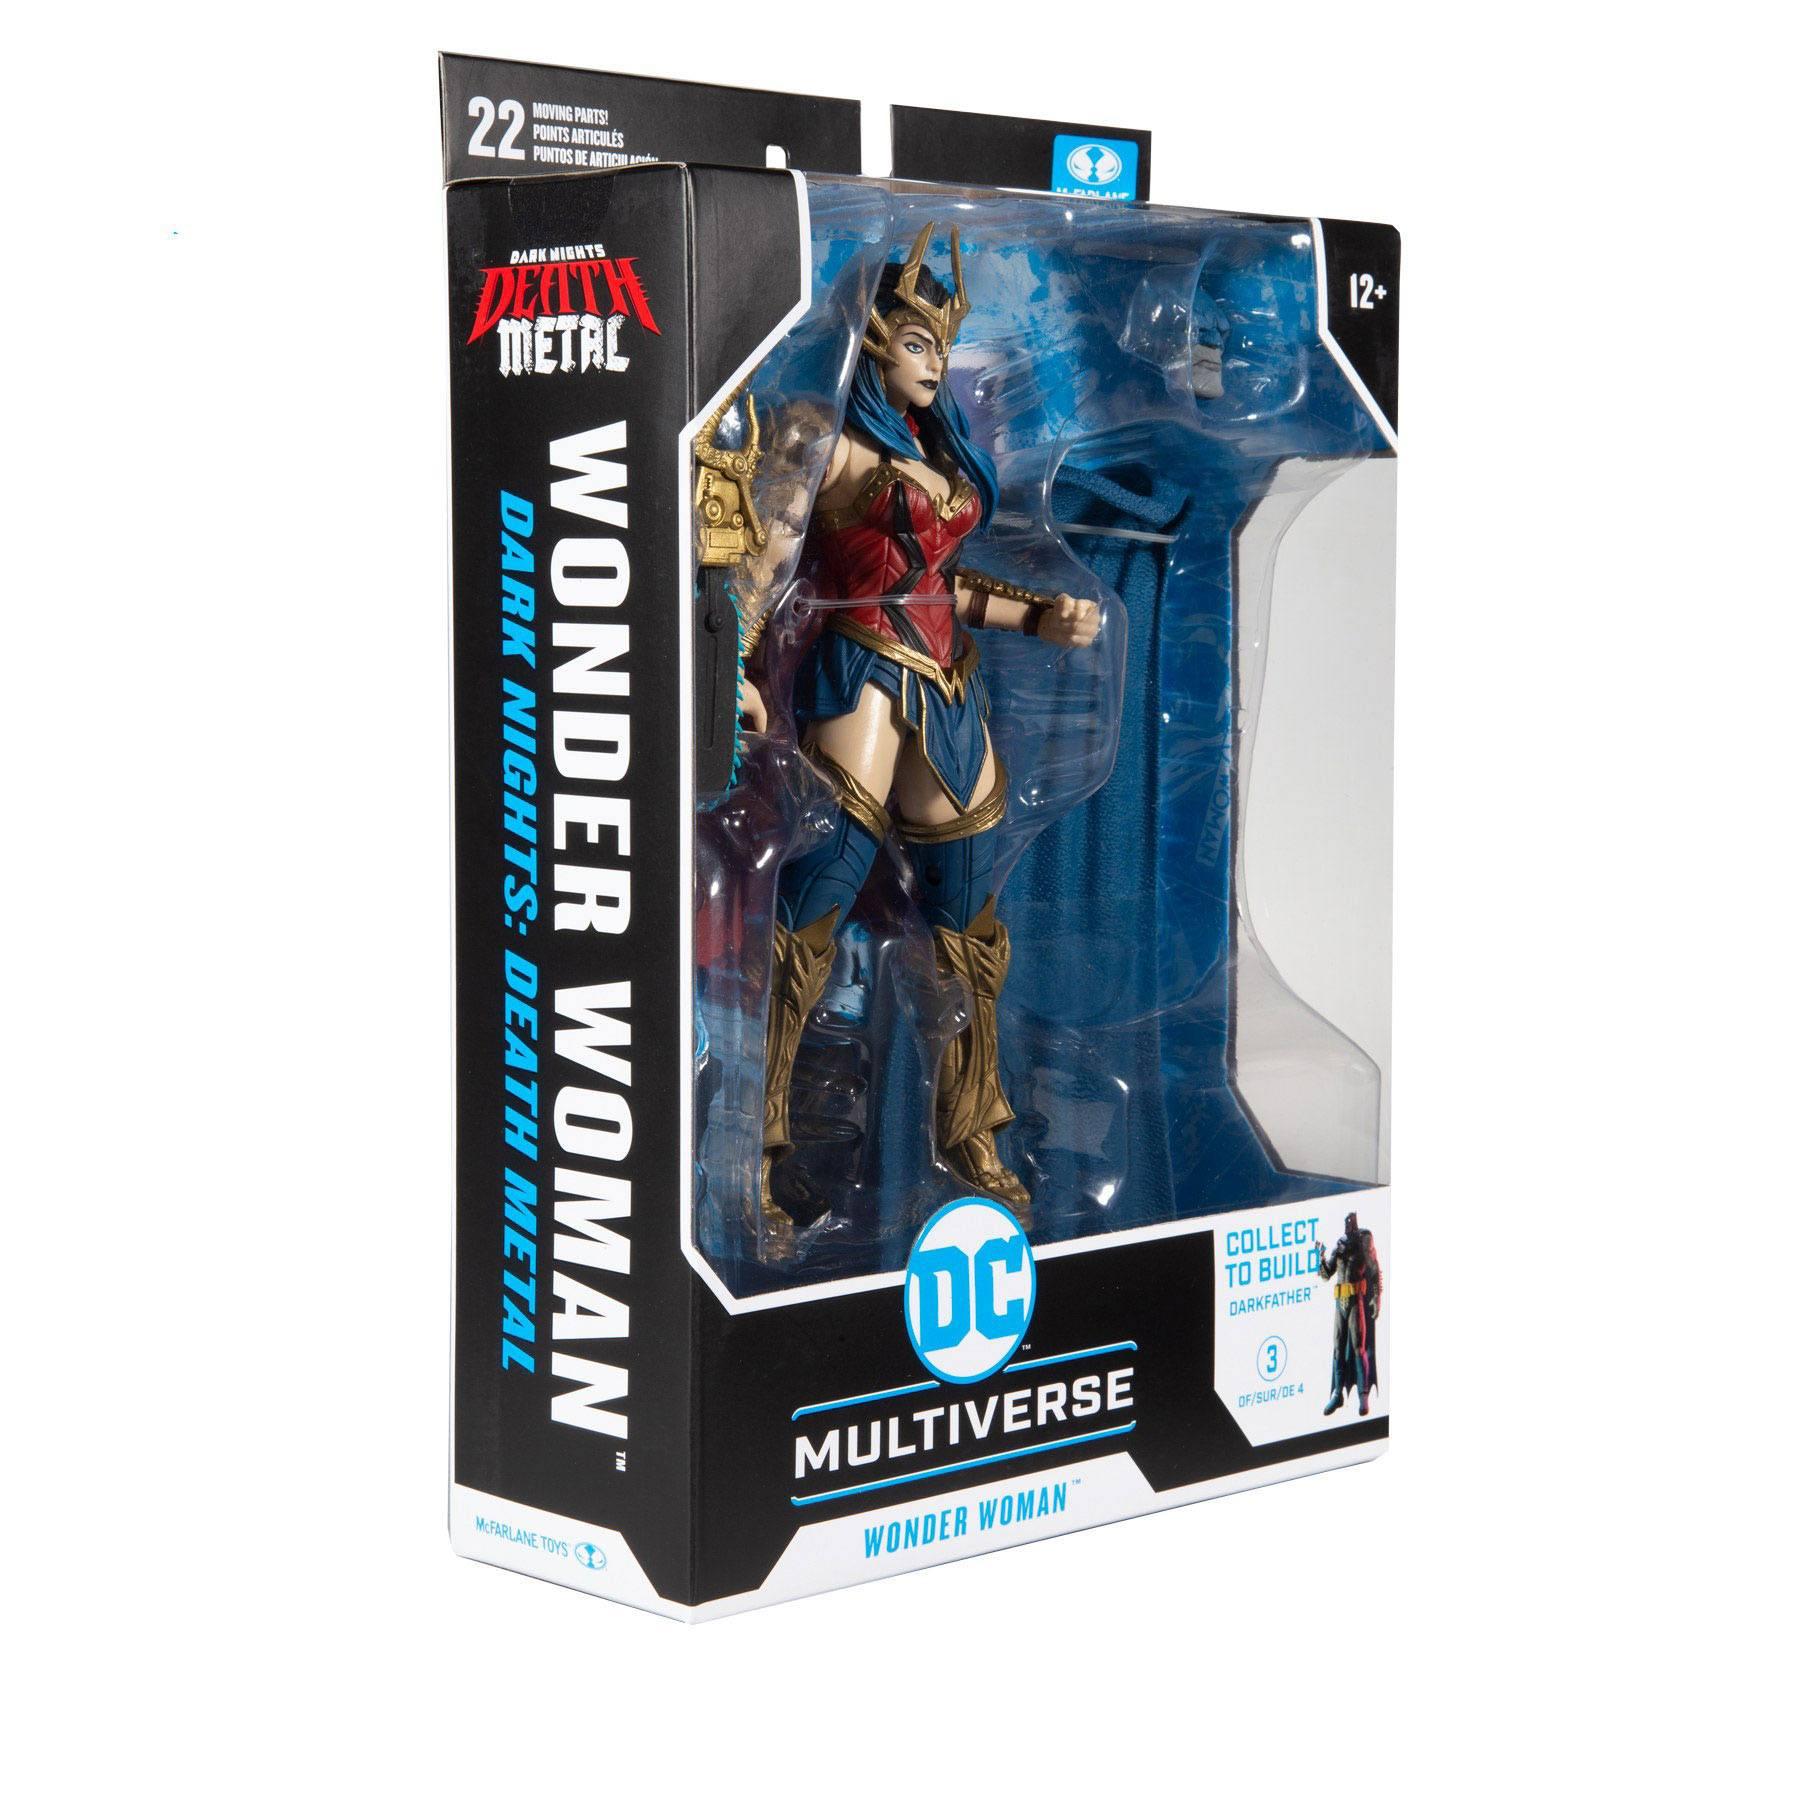 DC Multiverse Build A Actionfigur Wonder Woman 18 cm MCF15418-4 787926154184